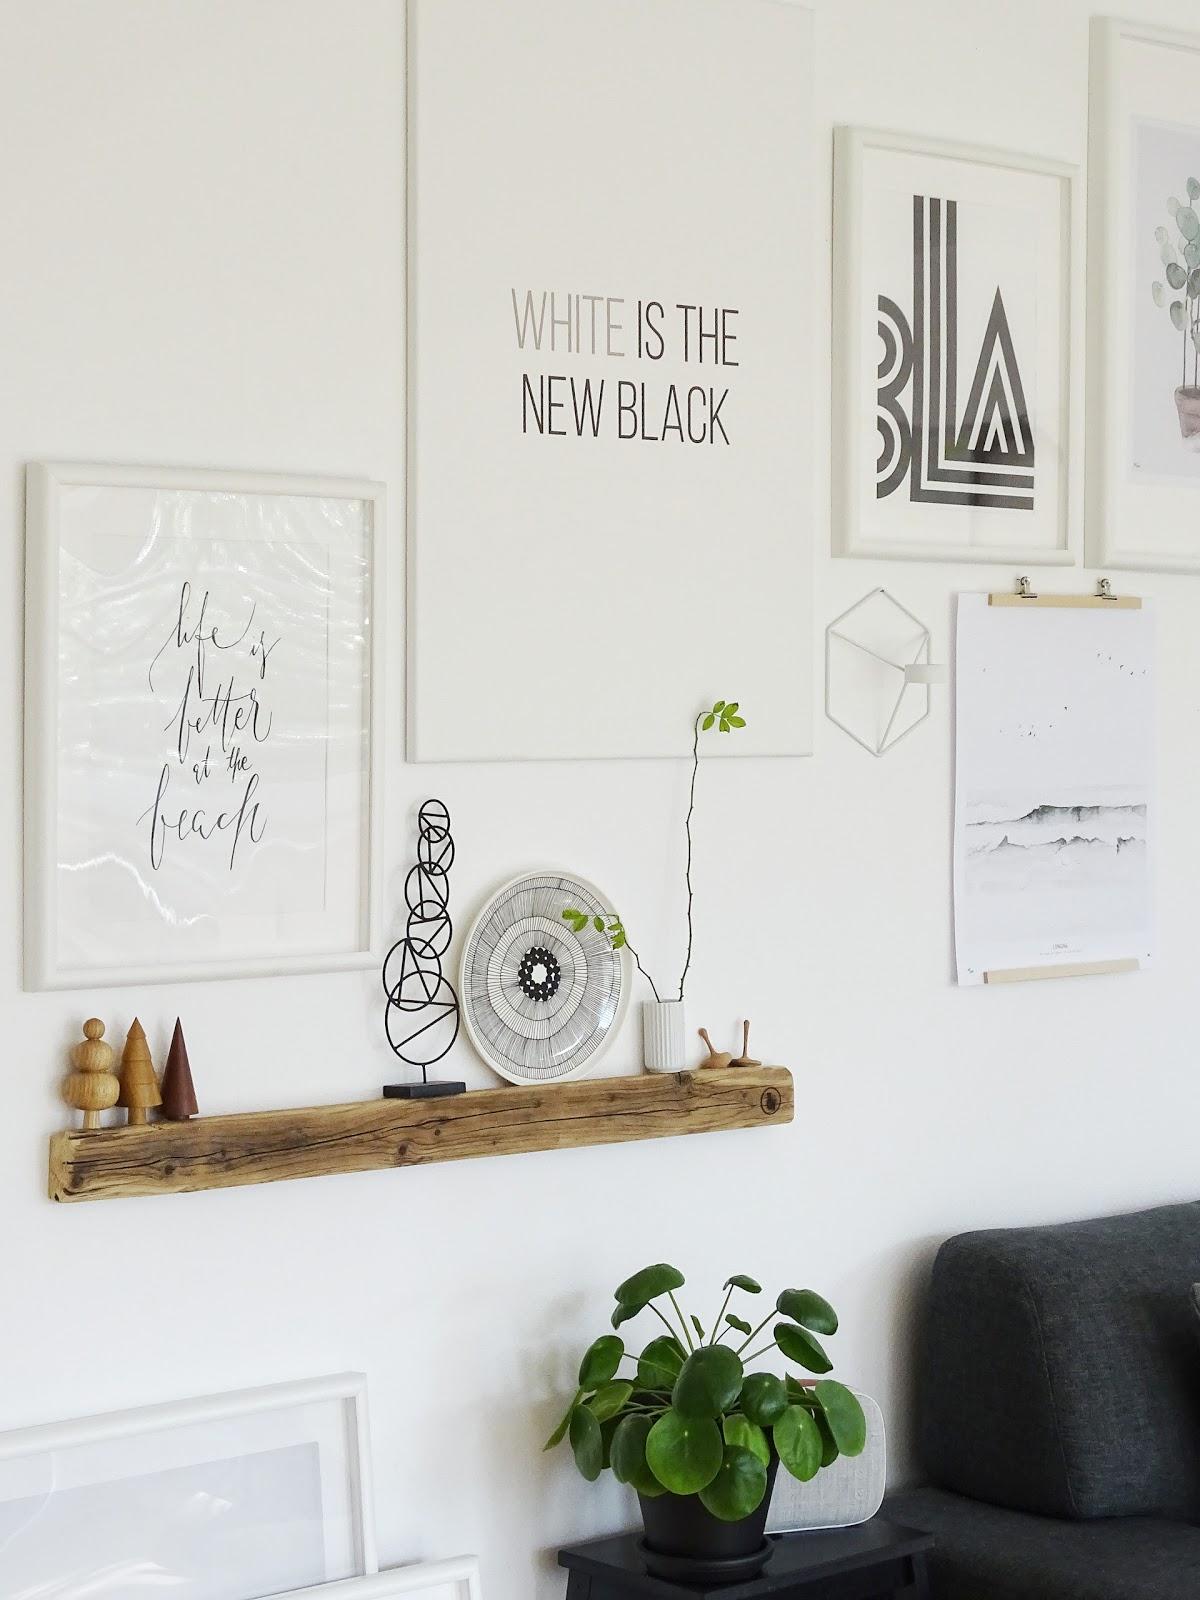 Pin von Nadine auf Ideen Wohnung | Wandregal, Wandregal